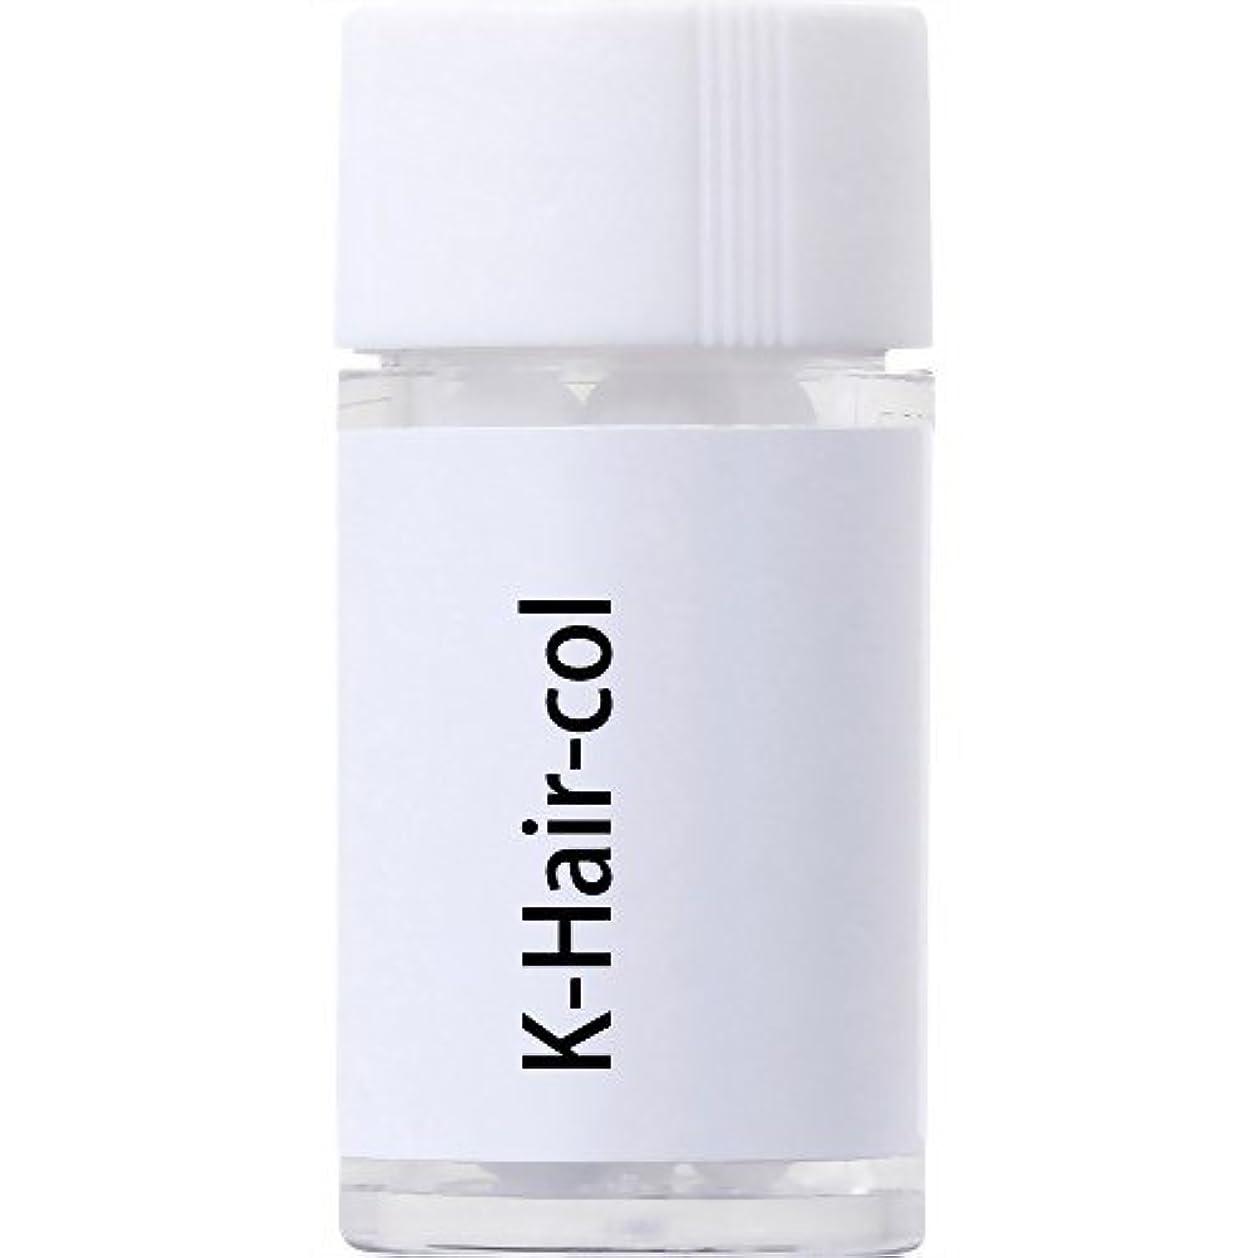 ホスト鋸歯状未亡人ホメオパシージャパンレメディー K-Hair-col(小ビン)